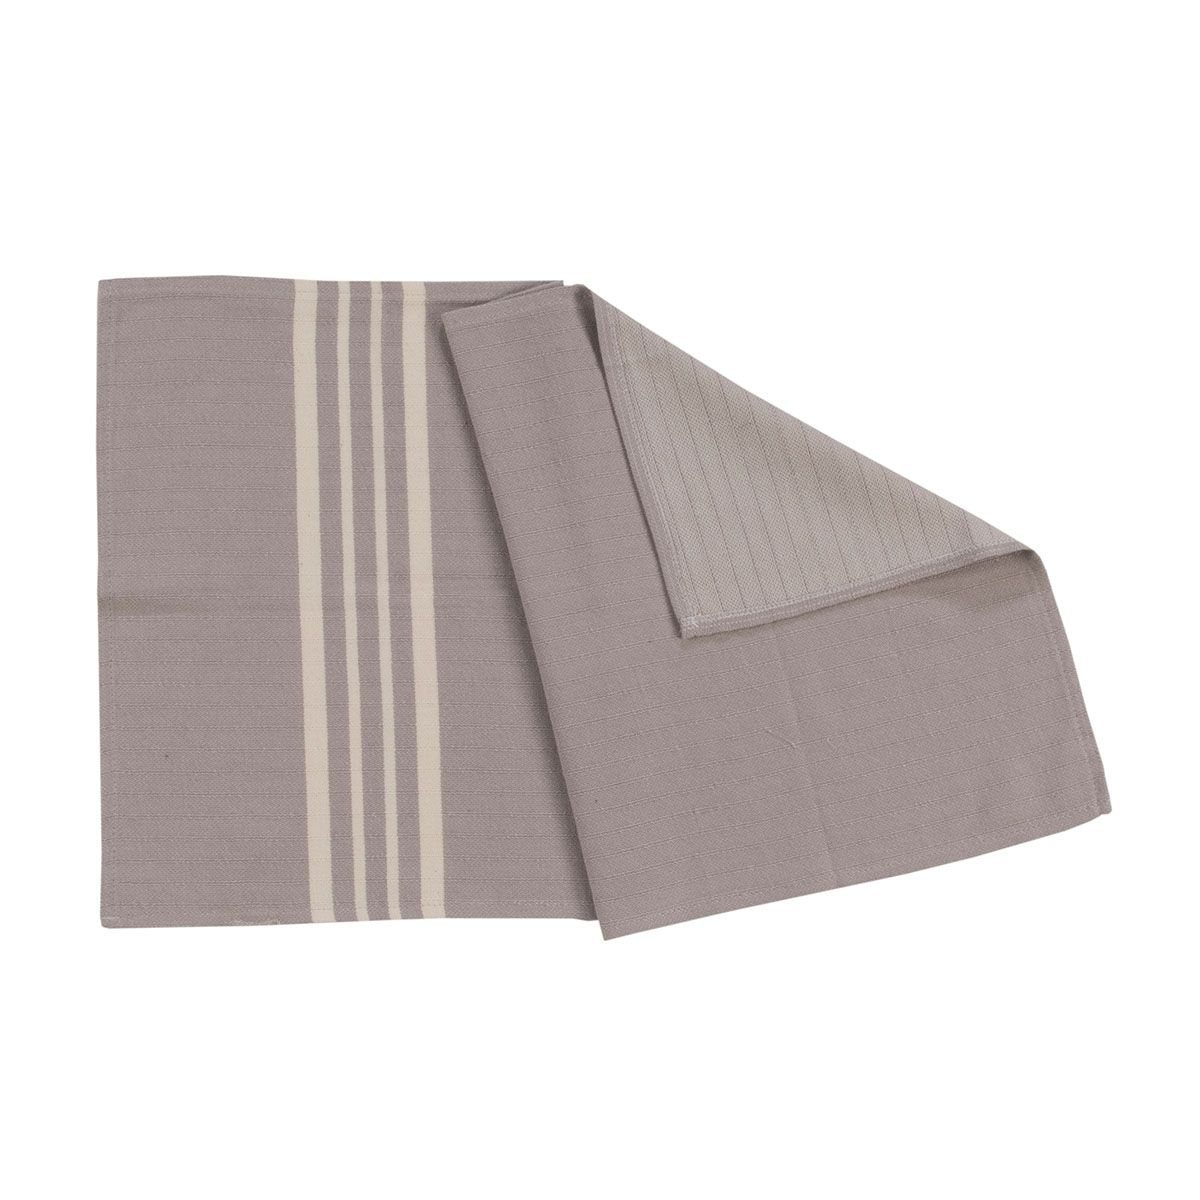 Peshkir Mini Sultan - Light Grey / 40 x 70